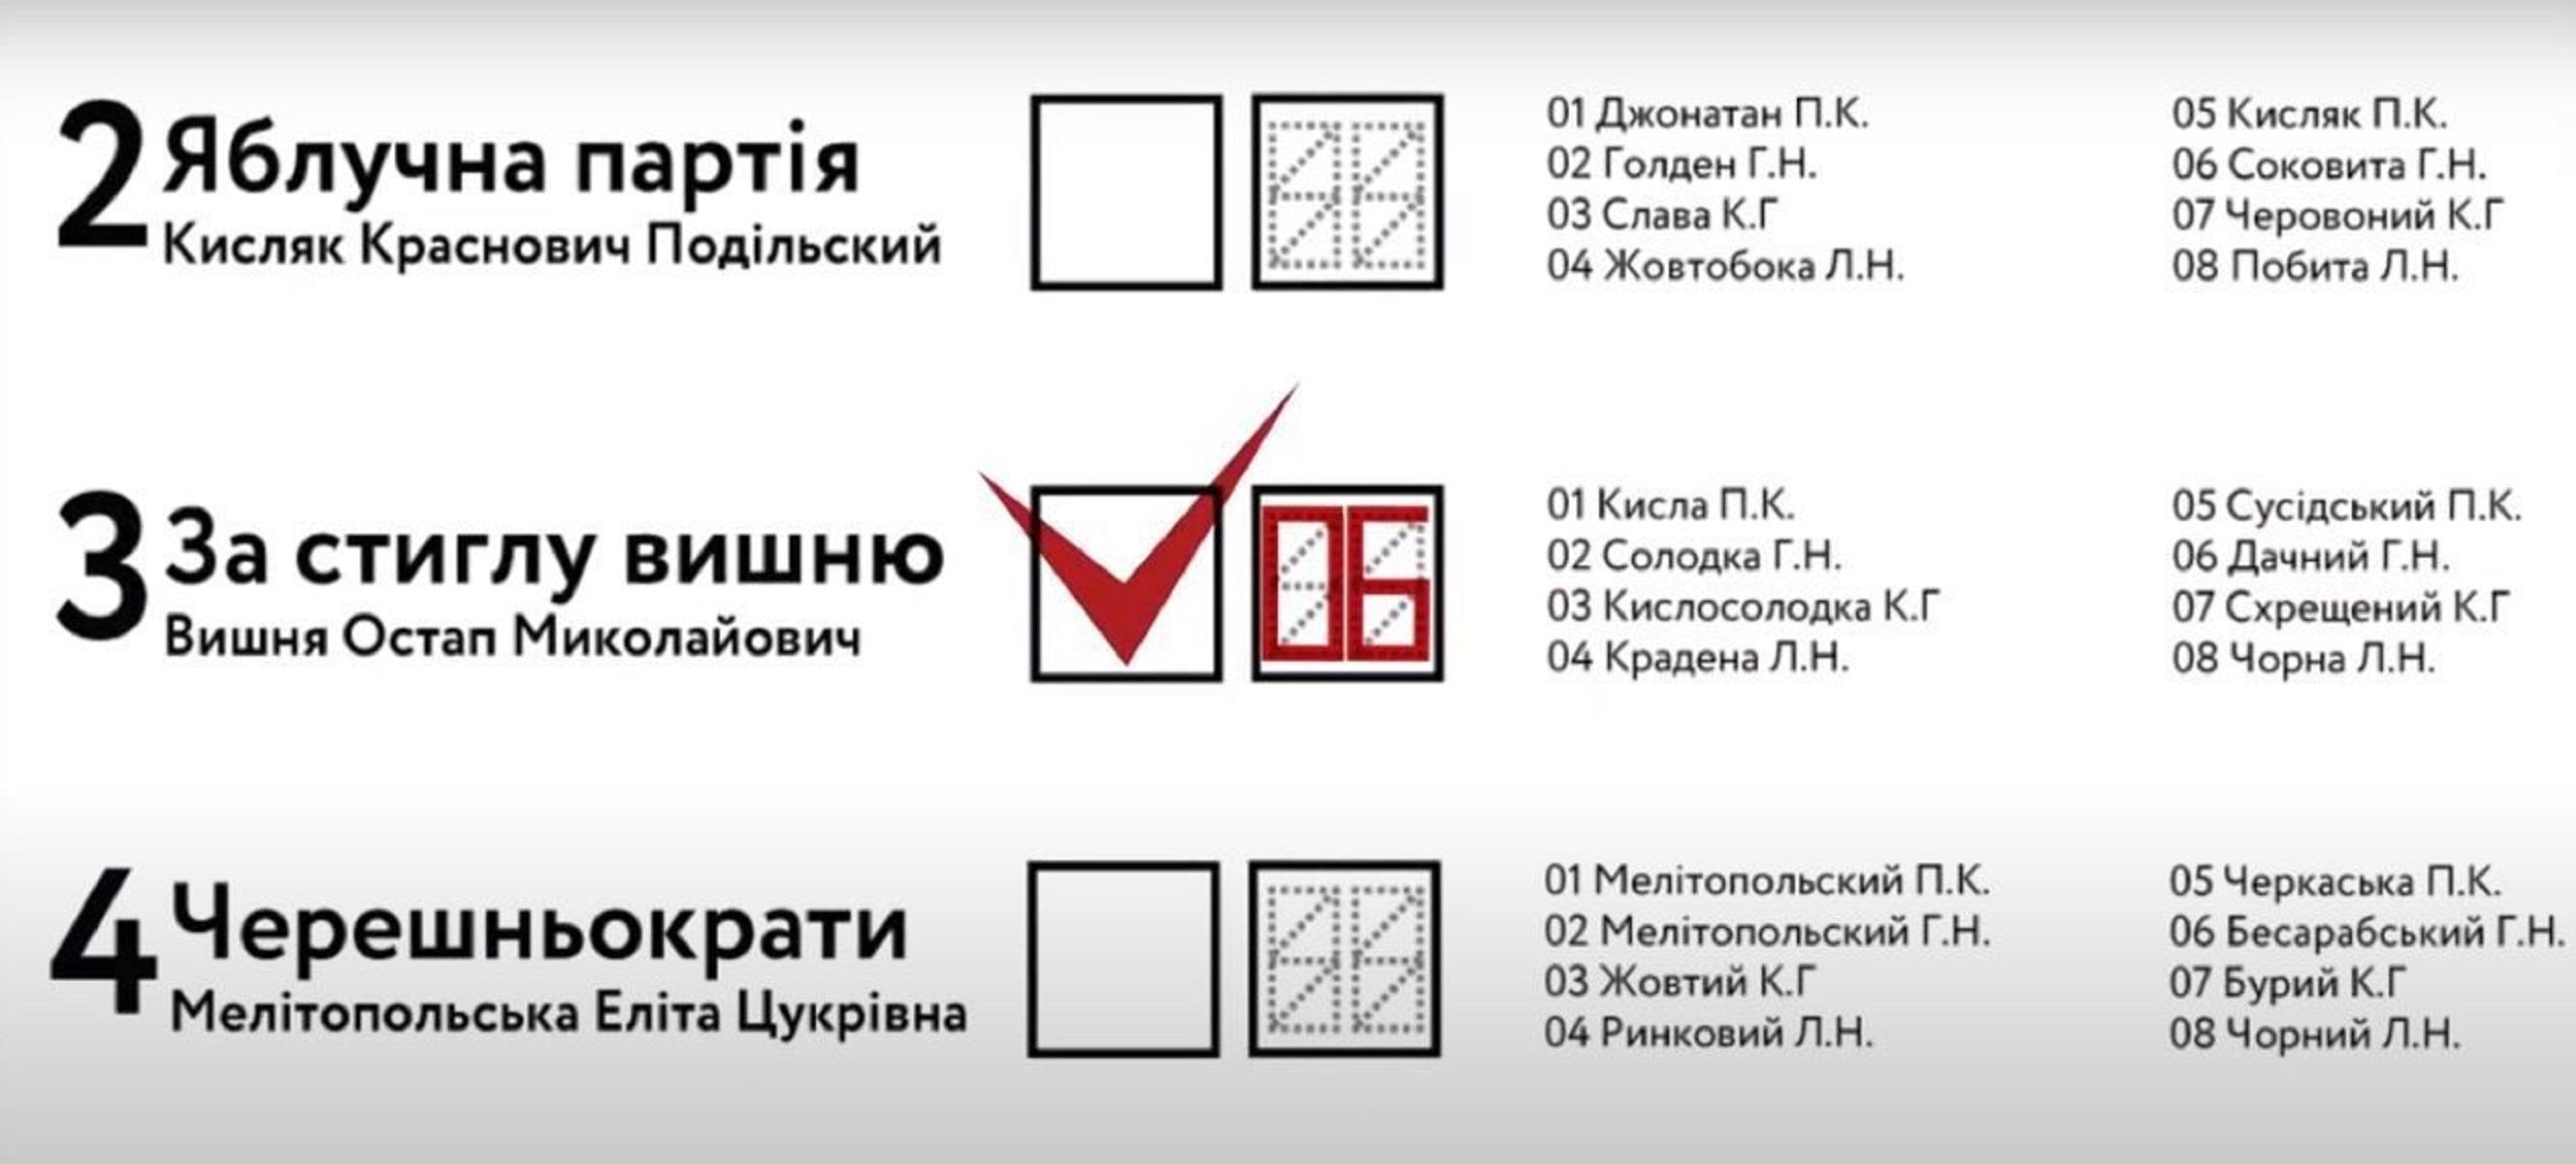 Партии и кандидаты